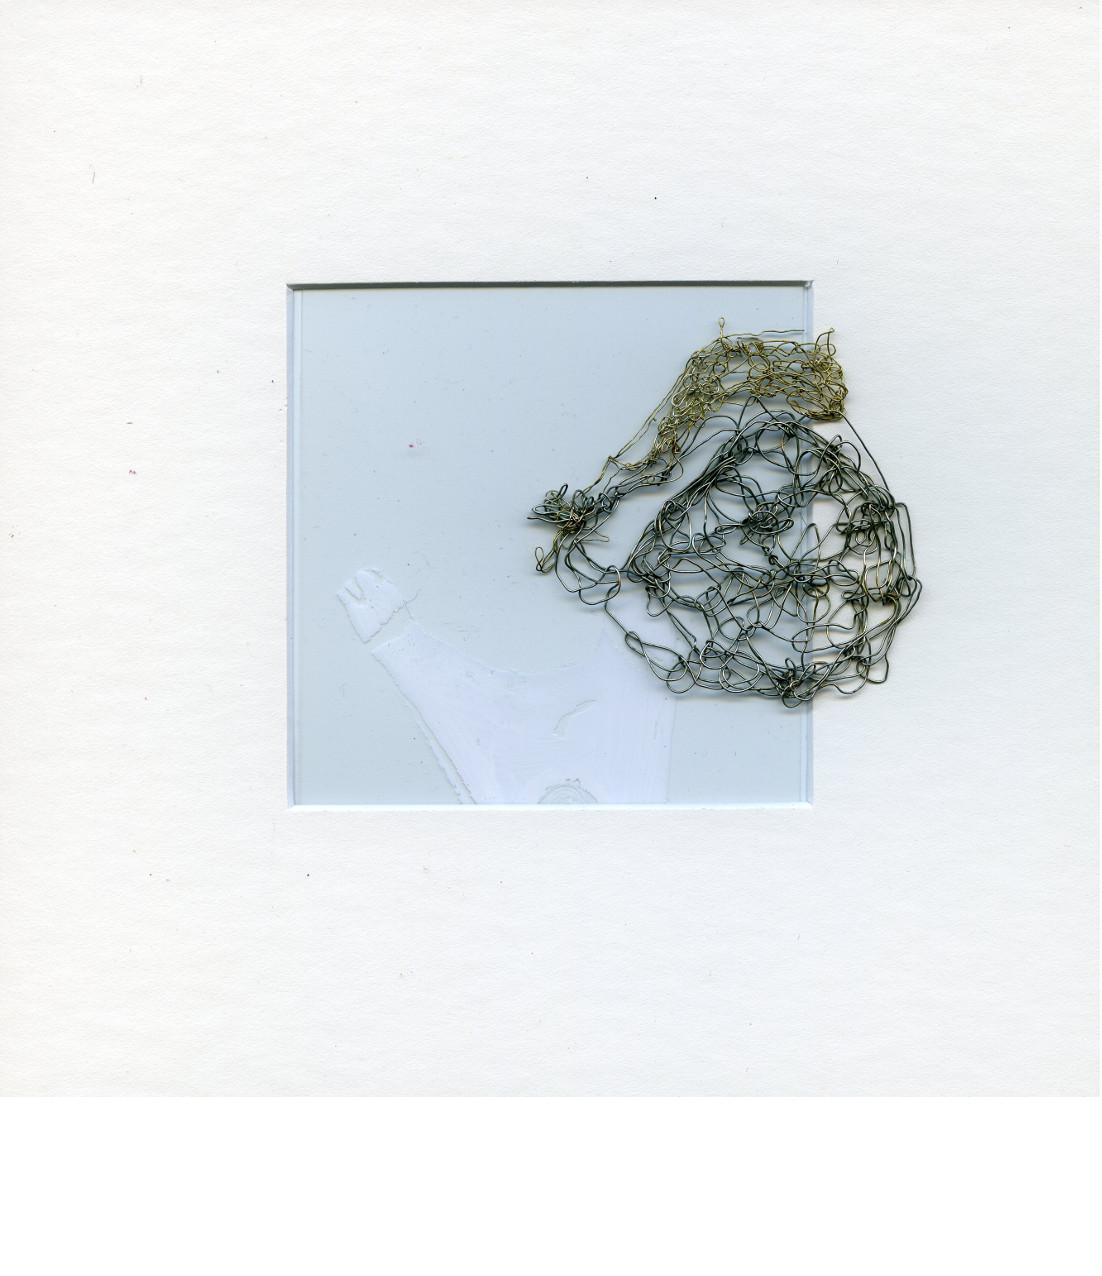 , 2018 Broderie d'acier et papier (20 X 20 cm) - Inv. 00217